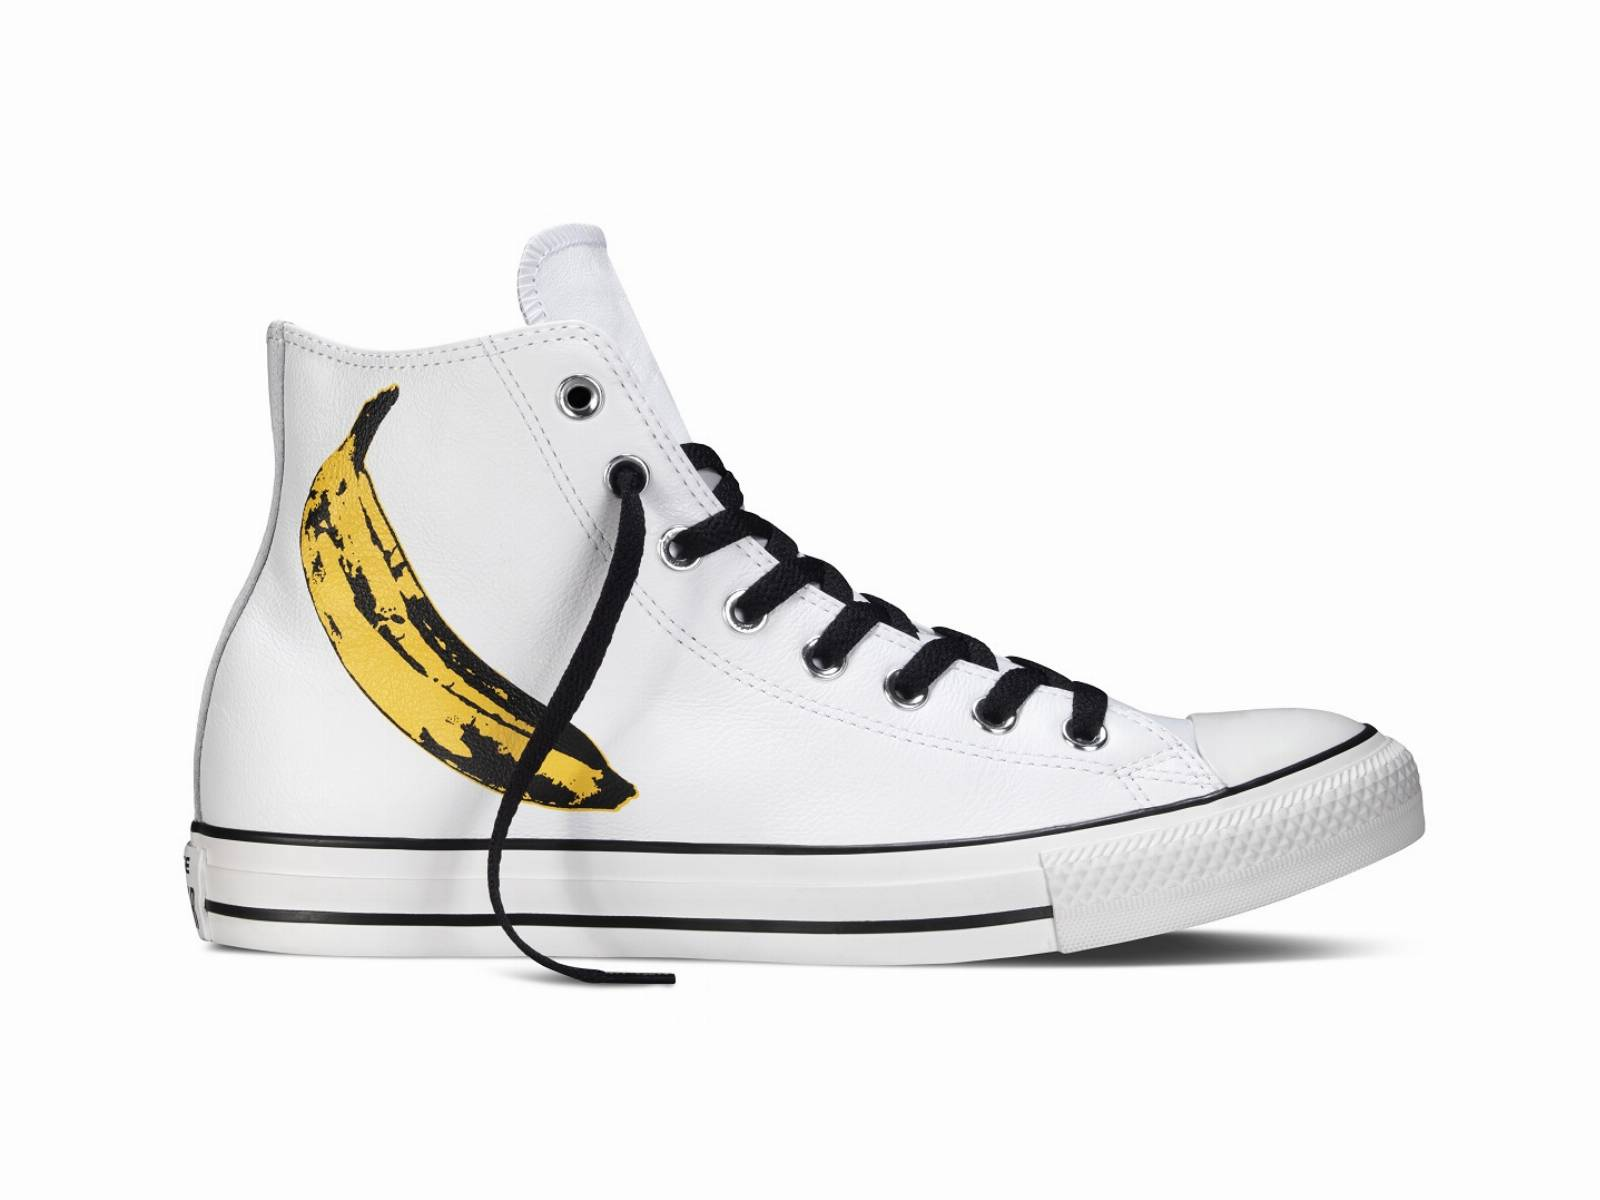 Converse _ C149535 _ Chuck Taylor All Star Warhol_ 439pln